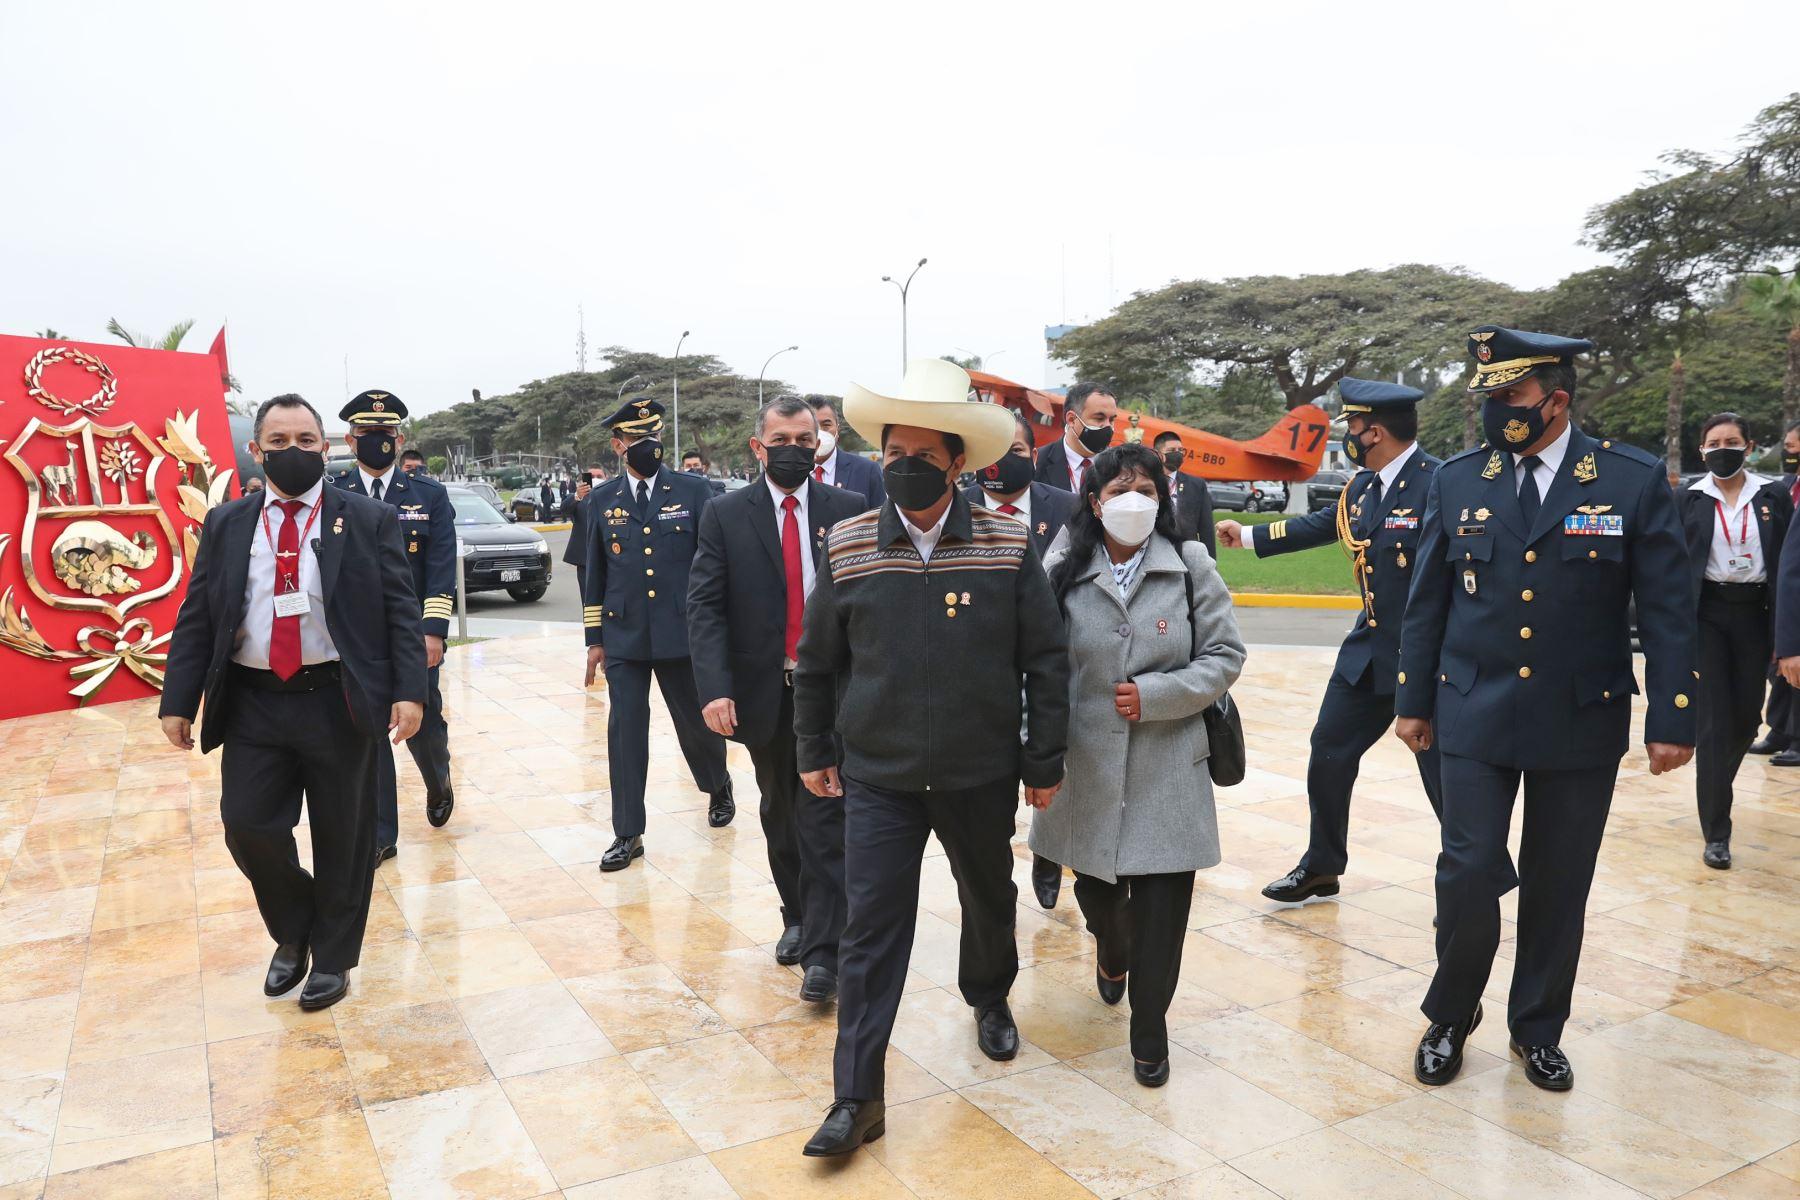 El Presidente de la República, Pedro Castillo, viaja a   la Pampa de la Quinua, en la región Ayacucho. Foto:ANDINA/Carla Patiño Ramírez